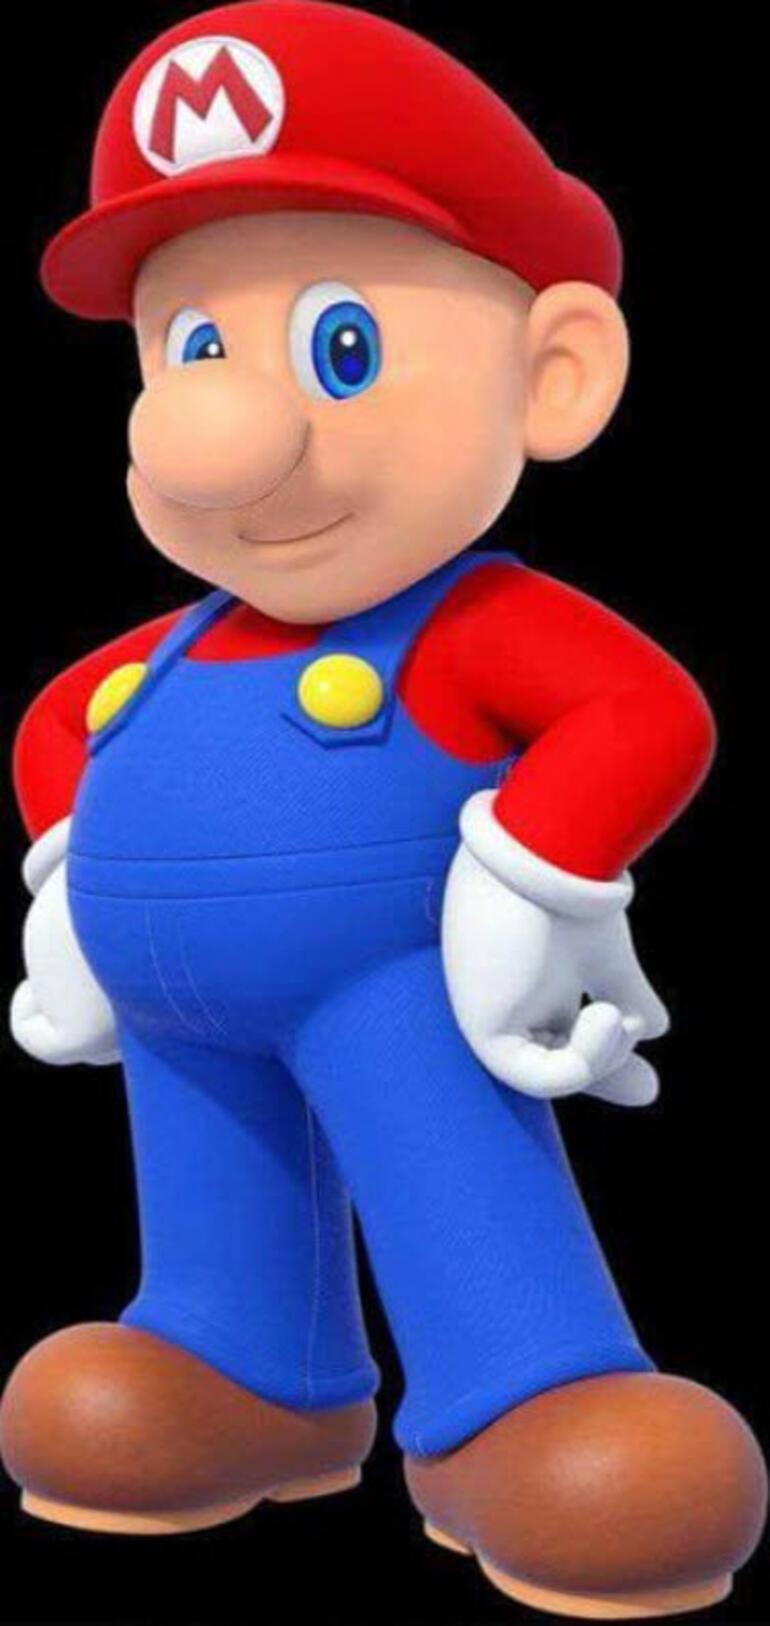 Süper Mario tıraş oldu İşte interneti kasıp kavuran o görüntü